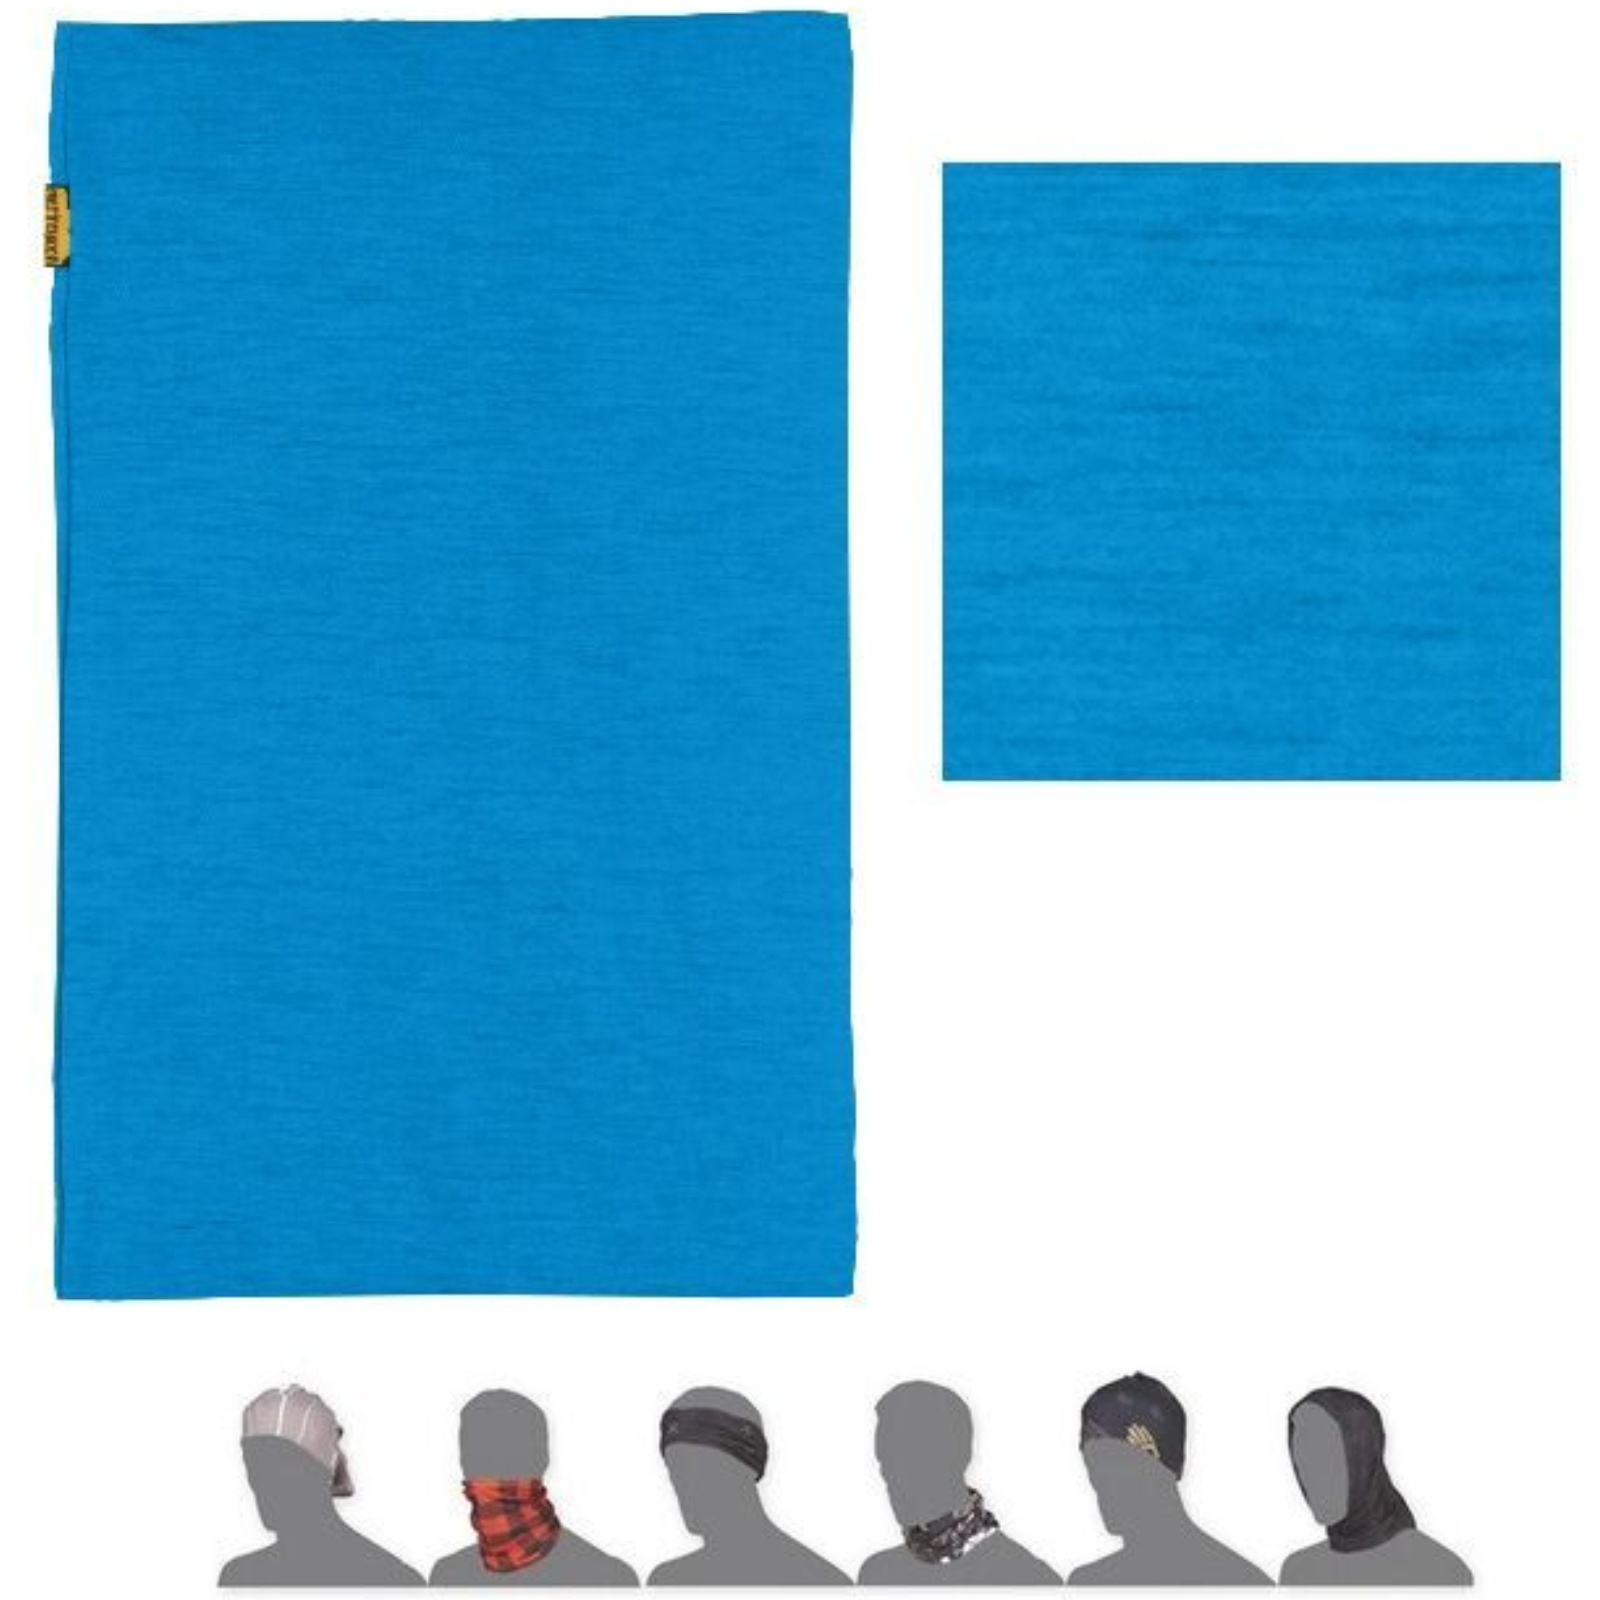 Šátek SENSOR Tube Merino wool modrý